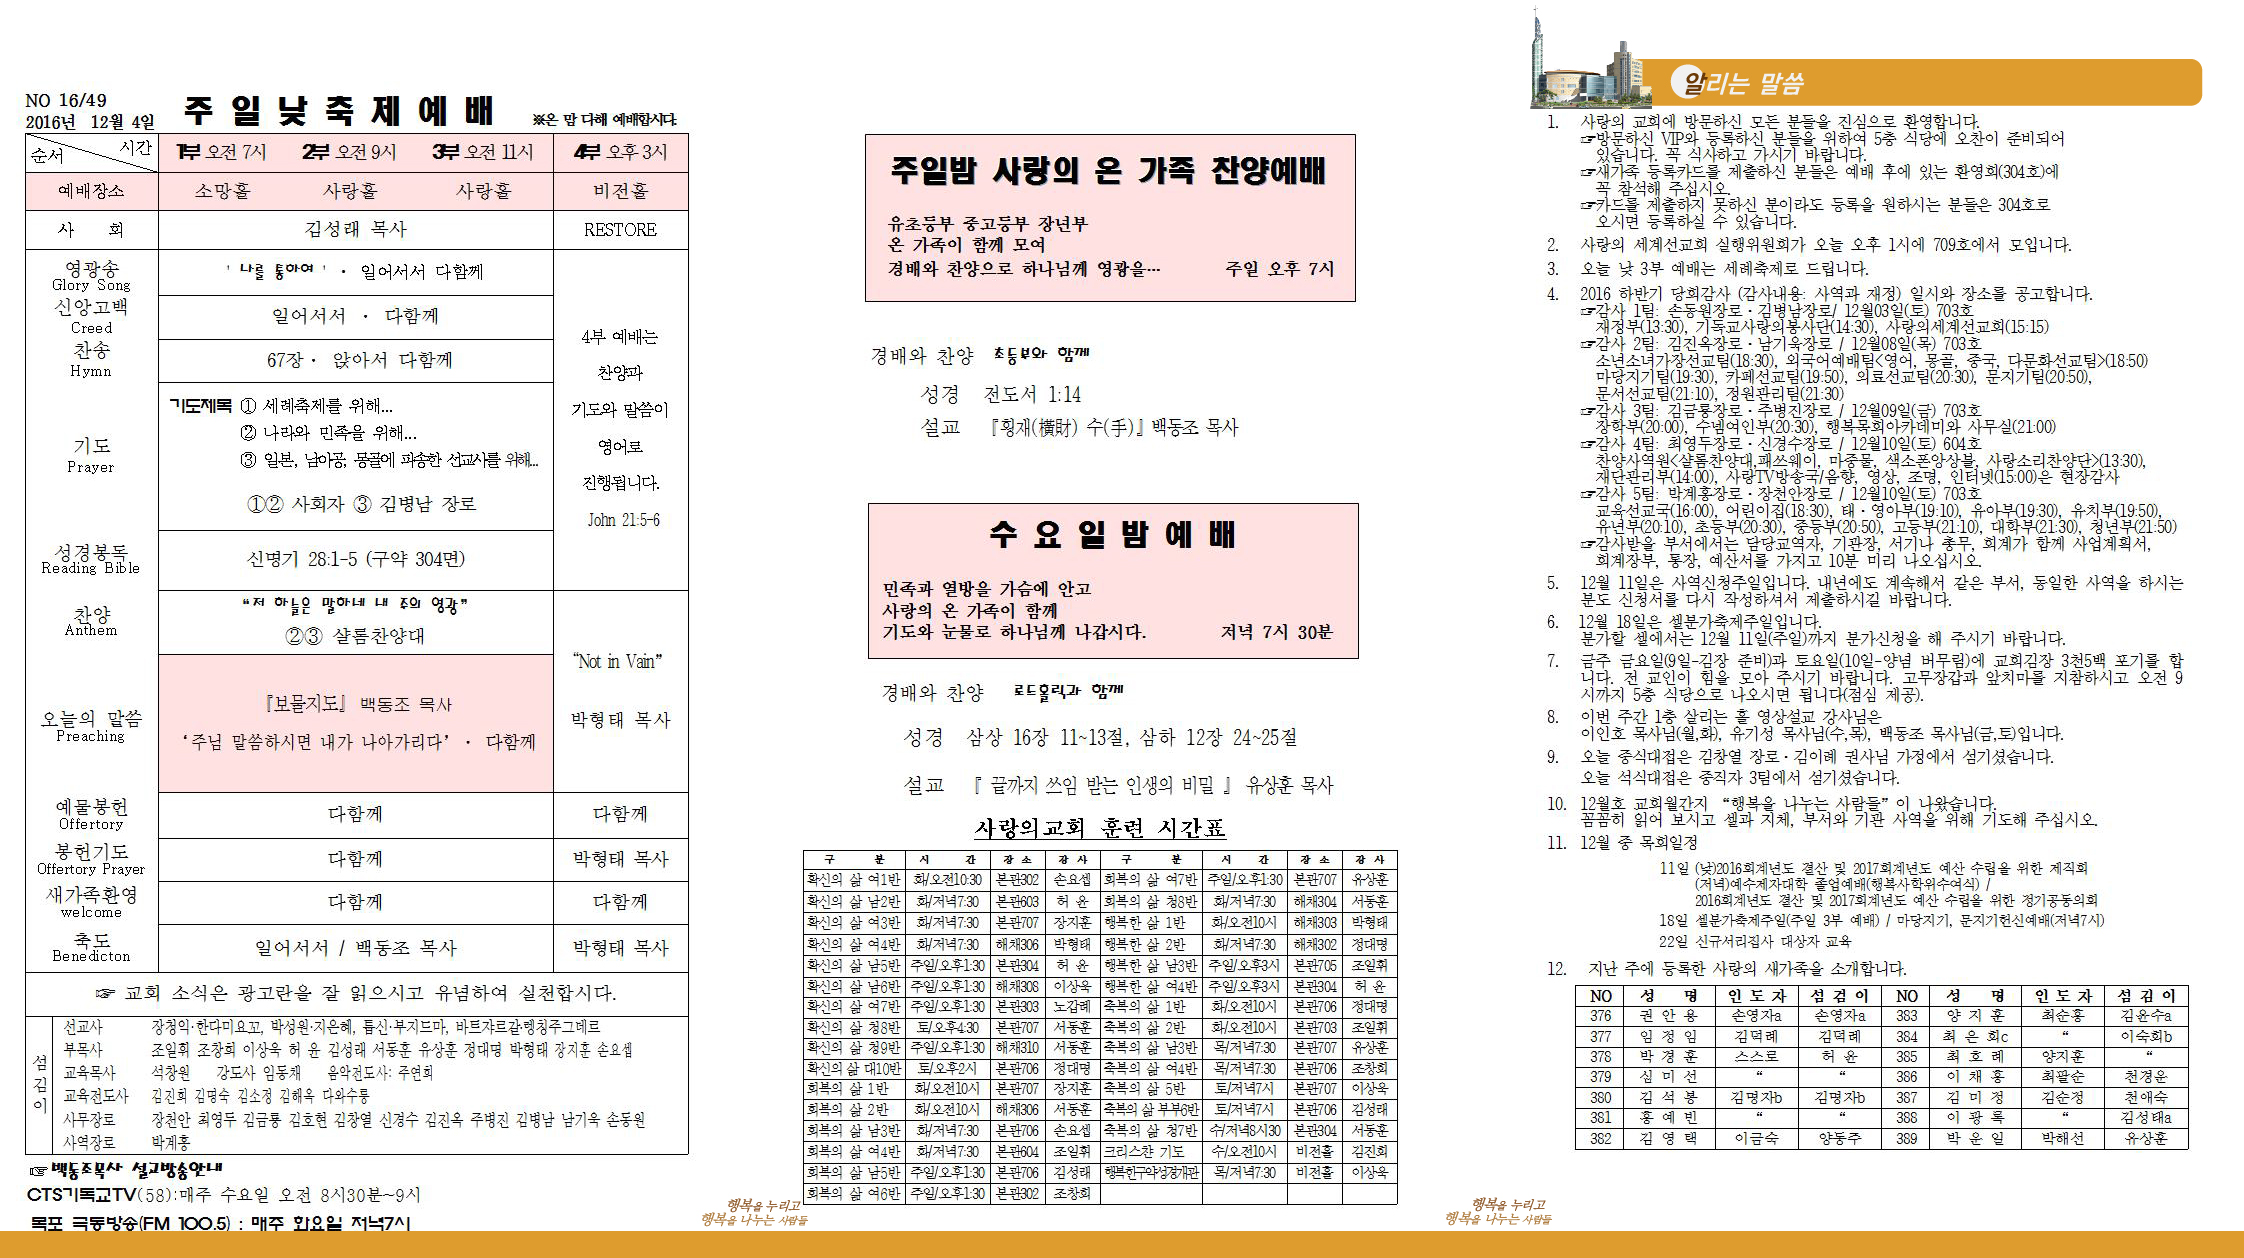 16-12-04_주보-01.jpg